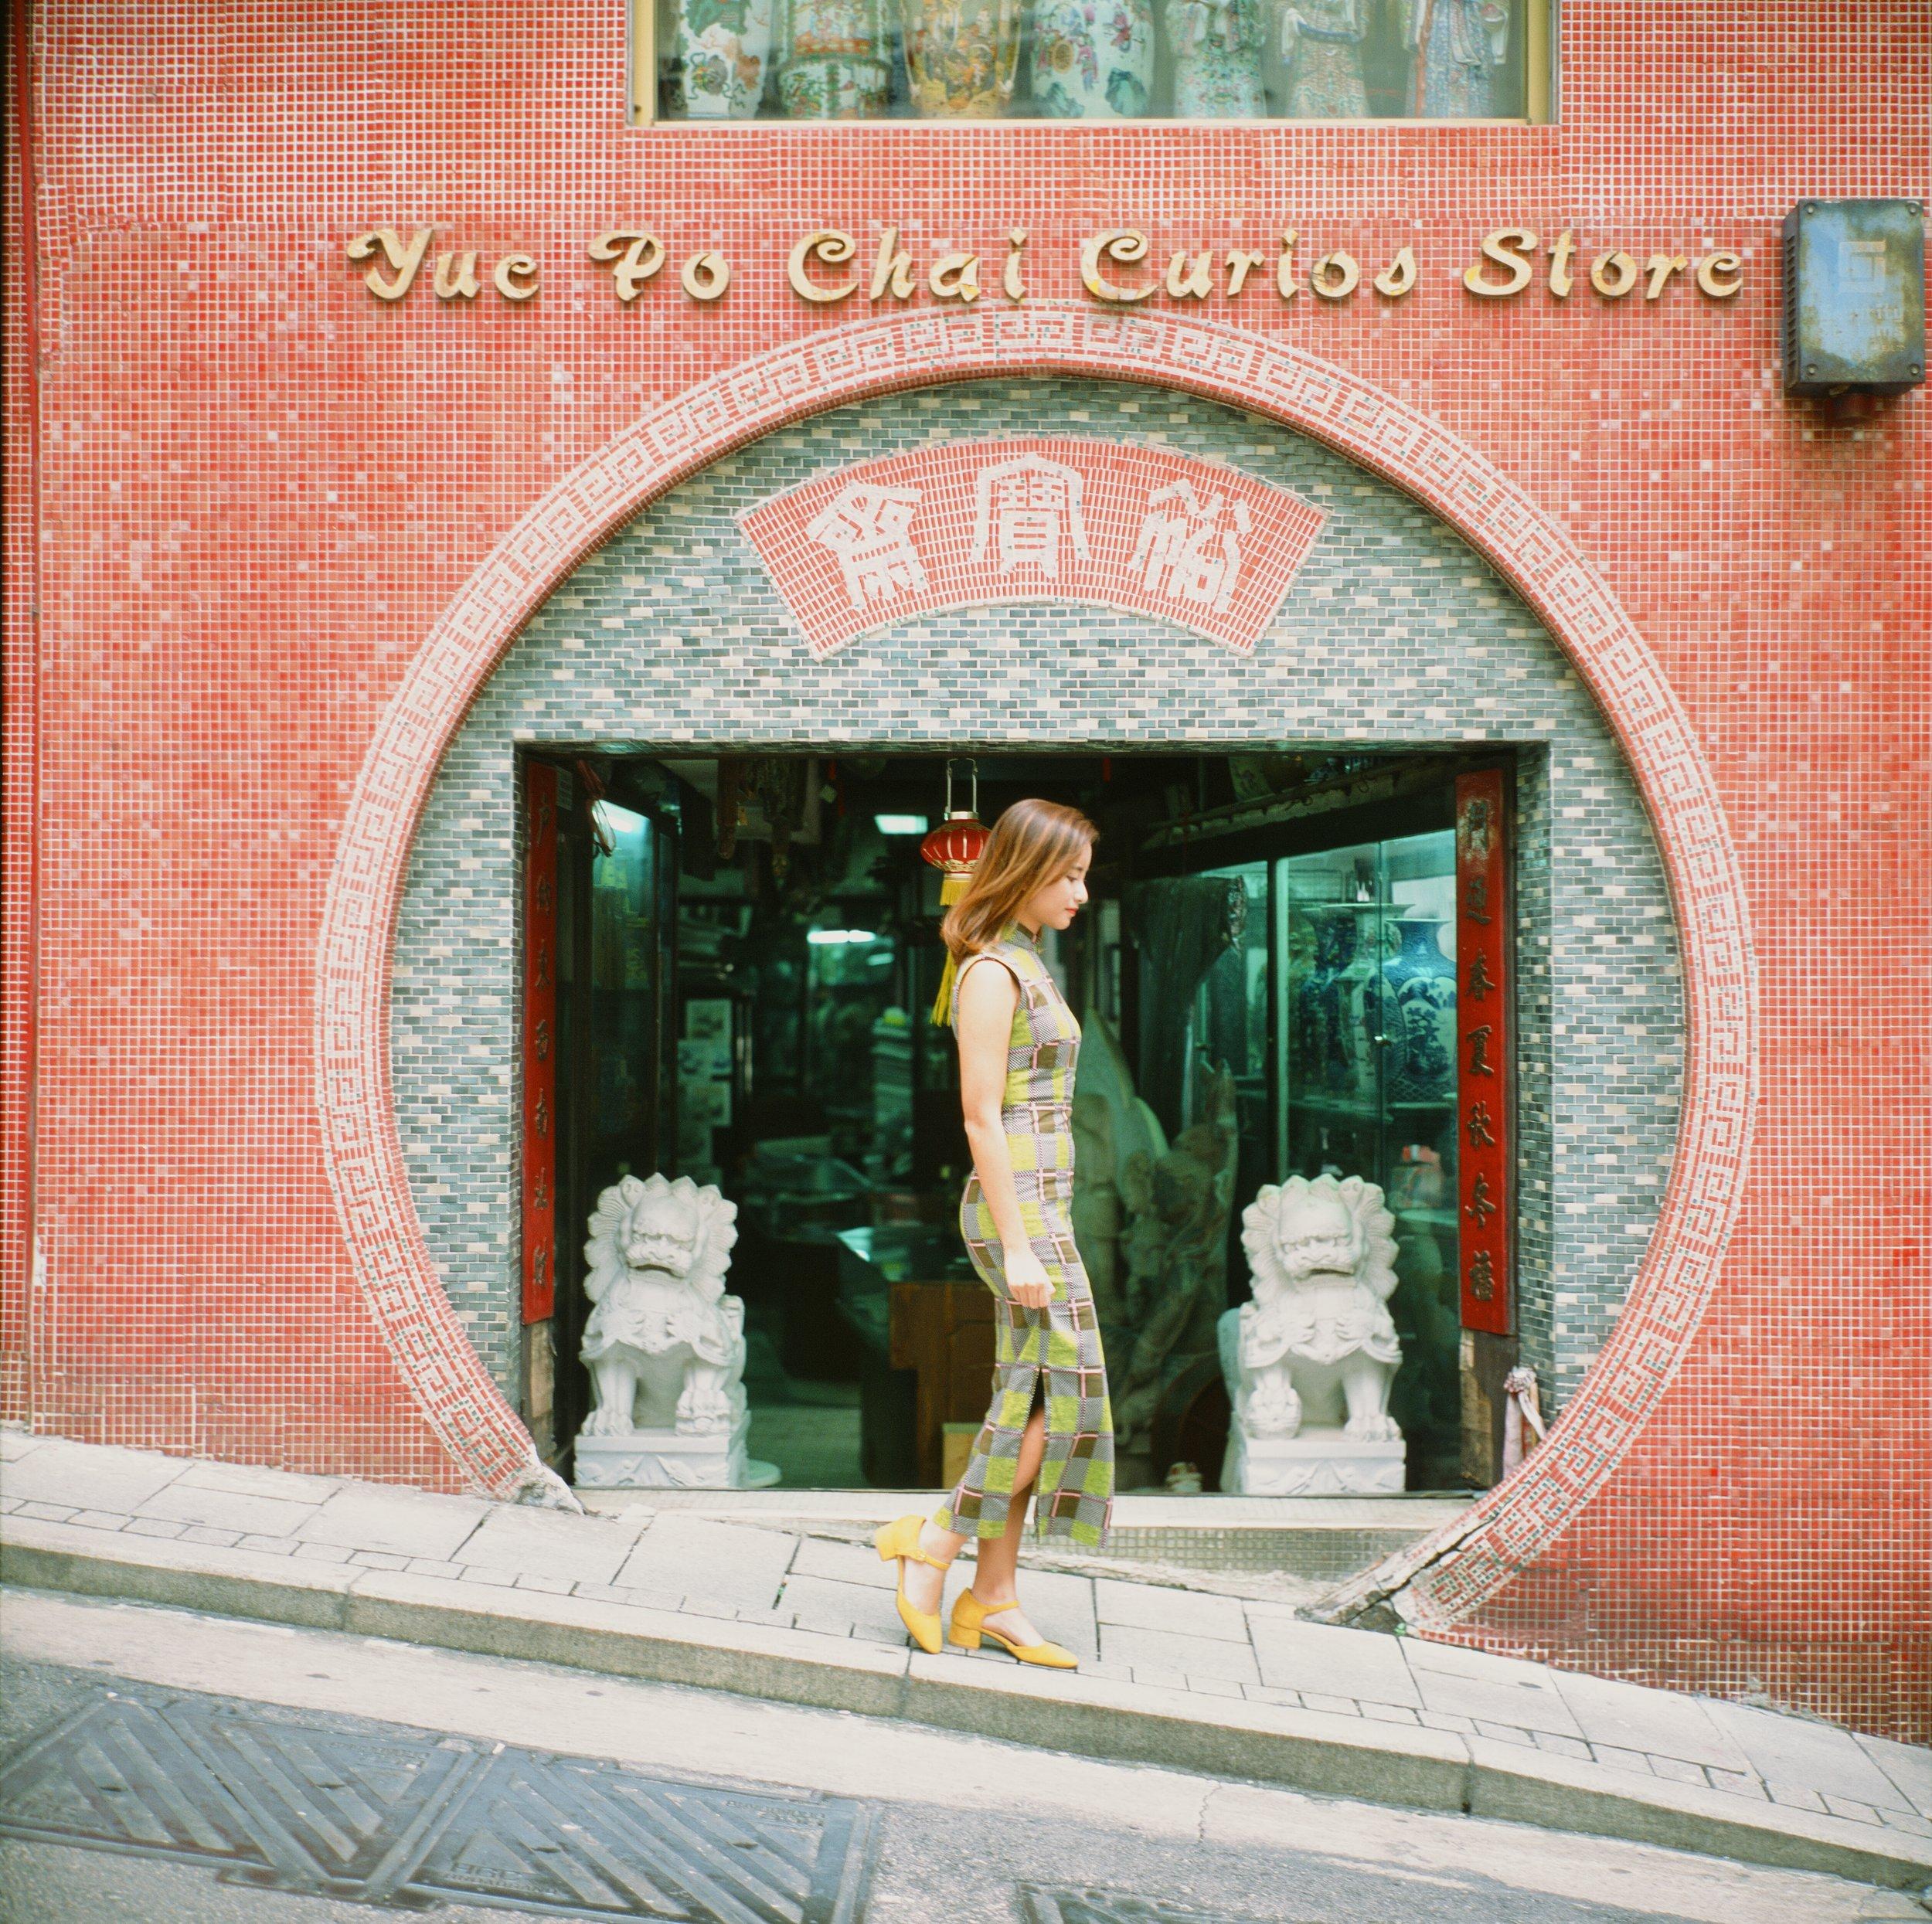 嫣裳記 YAN SHANG KEE PHOTO SERVICE - 旗袍幻燈片穿上 嫣裳記 Yan Shang Kee 美麗的旗袍,遊走中上環的老街隨影。享受一趟港式的古典。